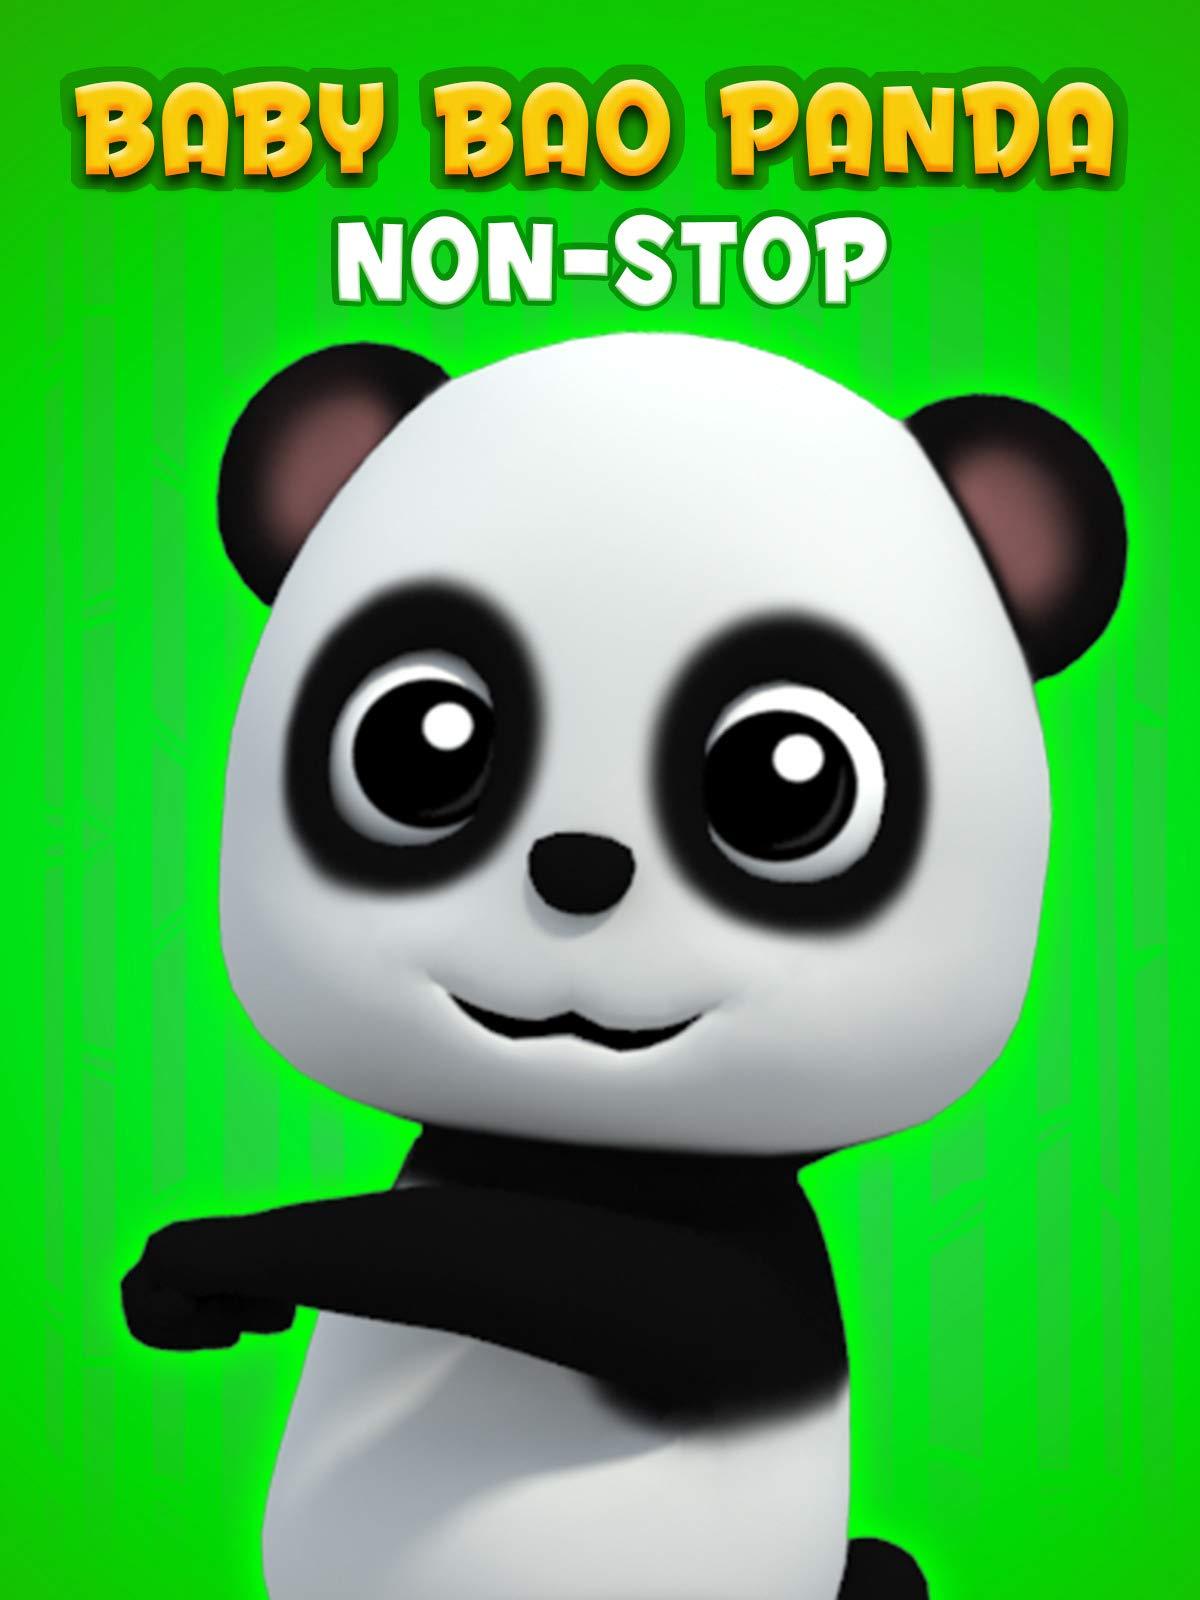 Baby Bao Panda Non-Stop